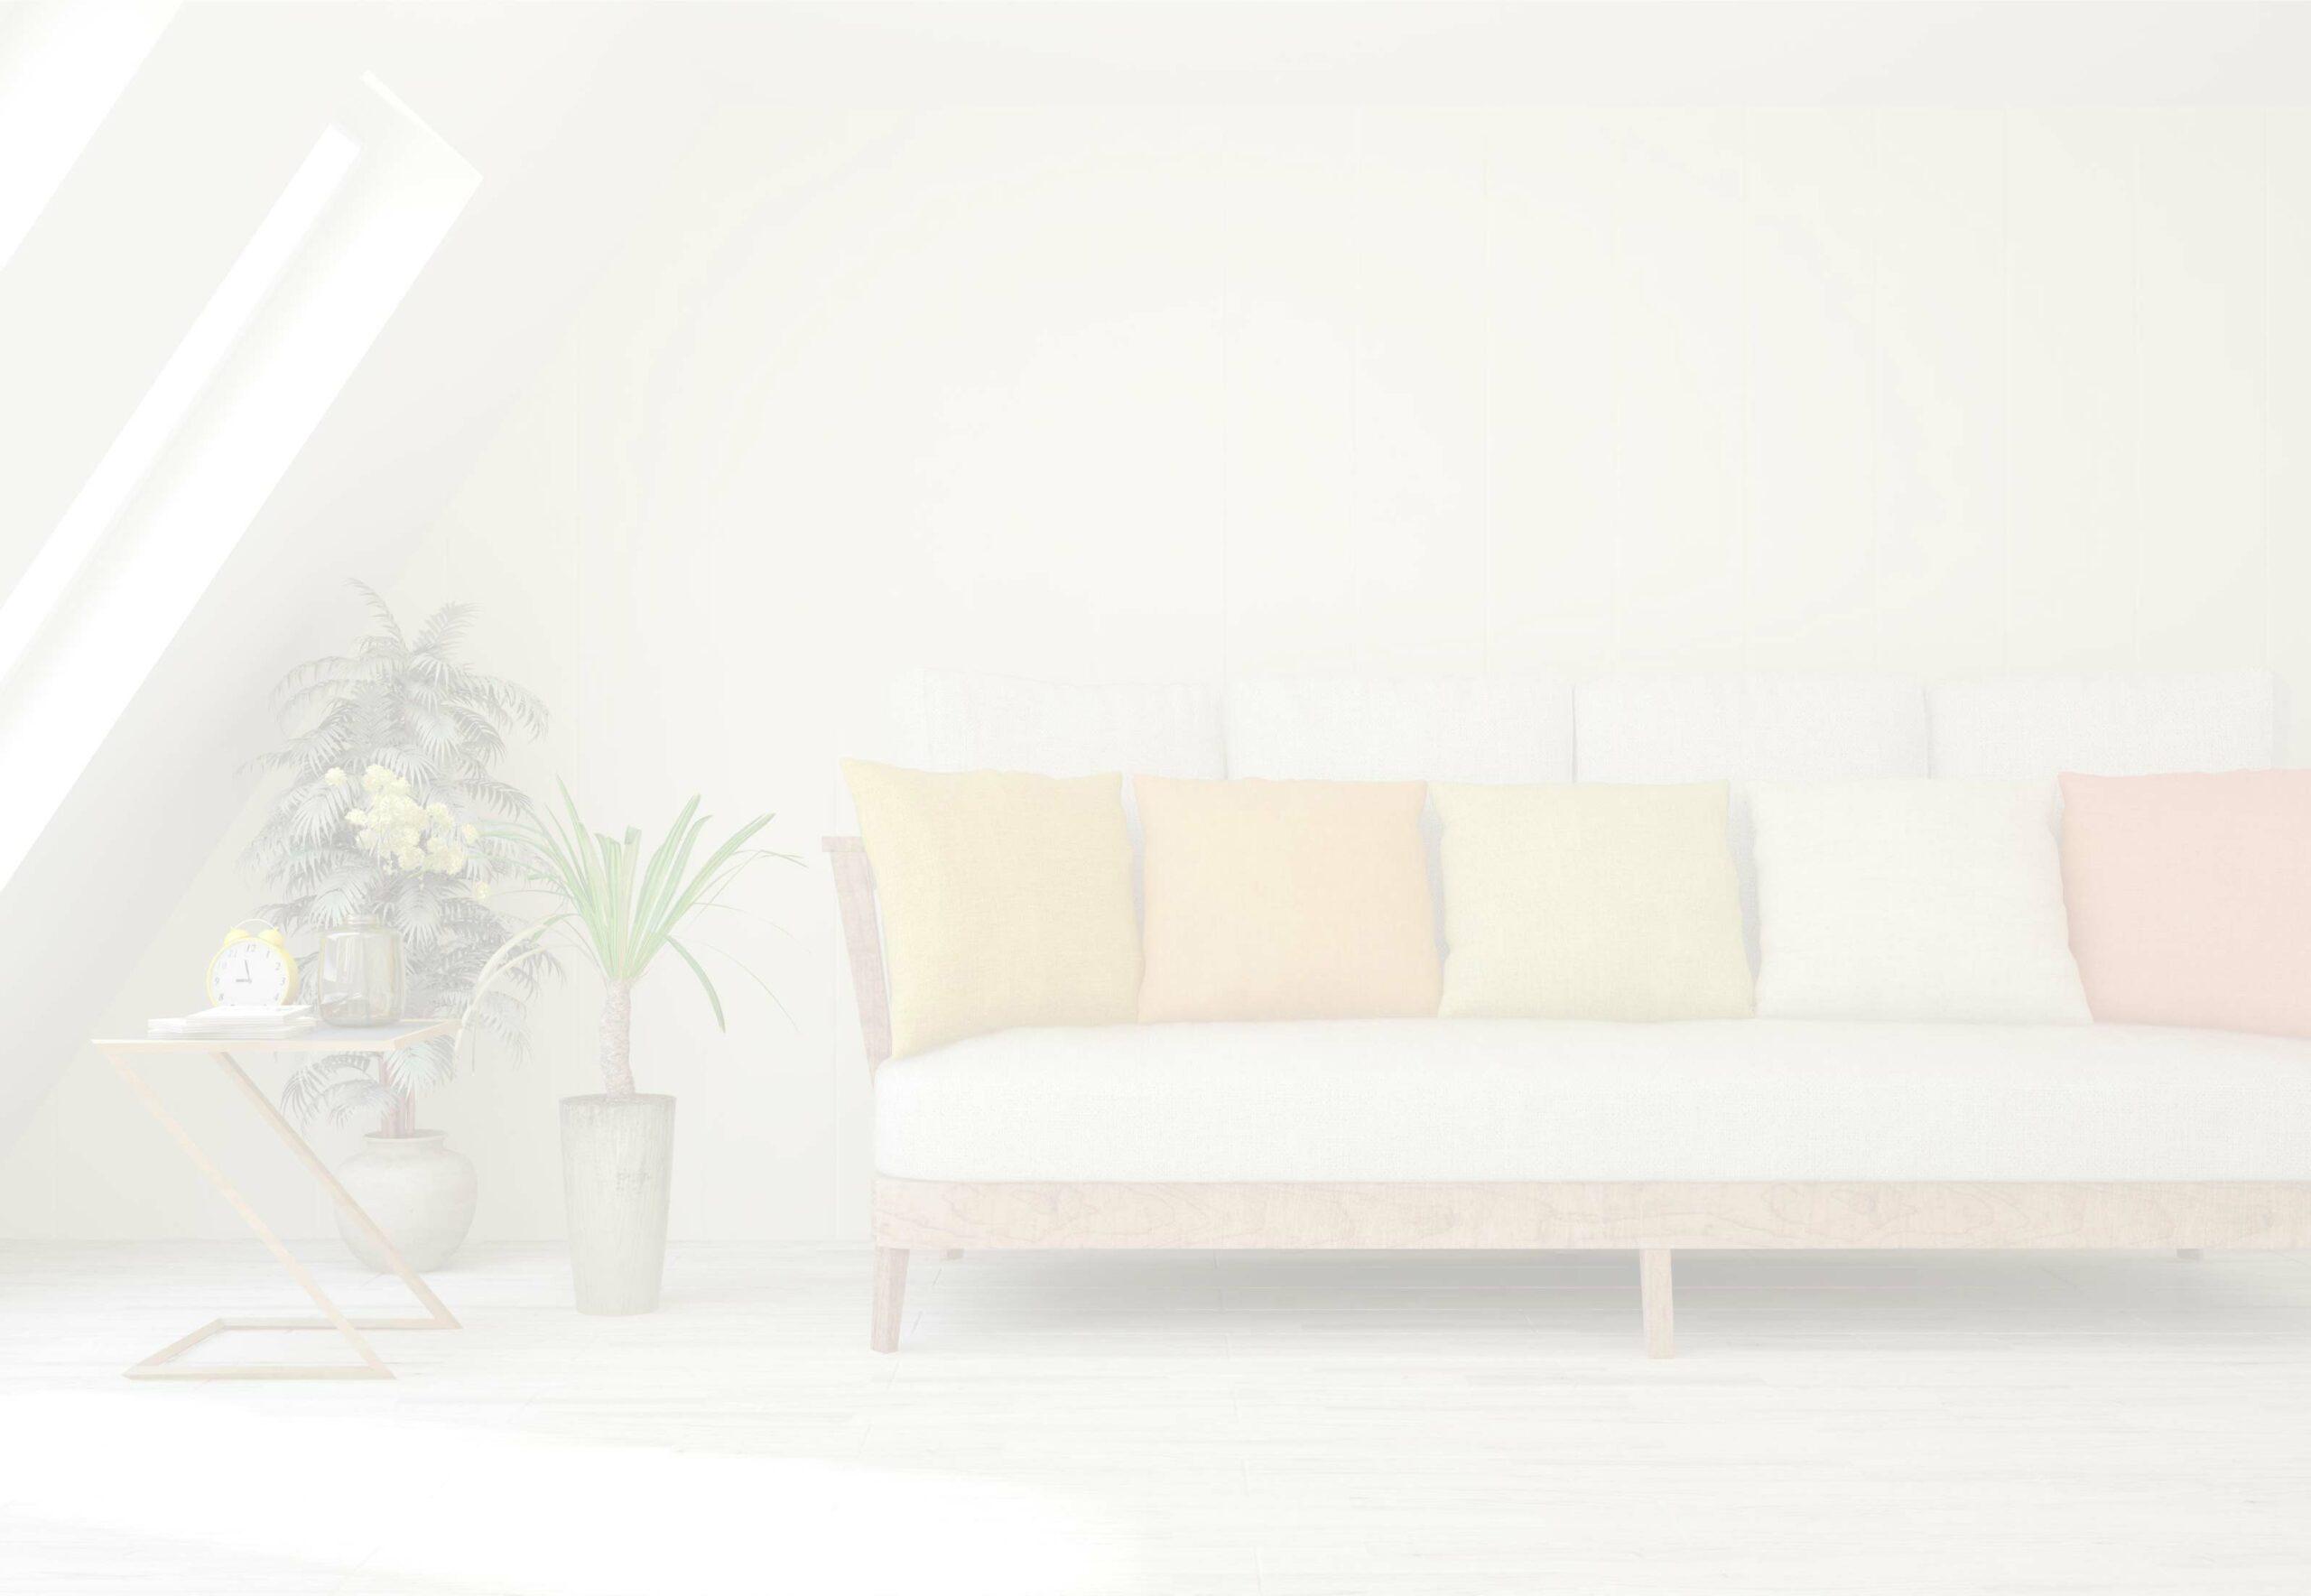 vente appartement à charenton, maisons-alfort, alfortville